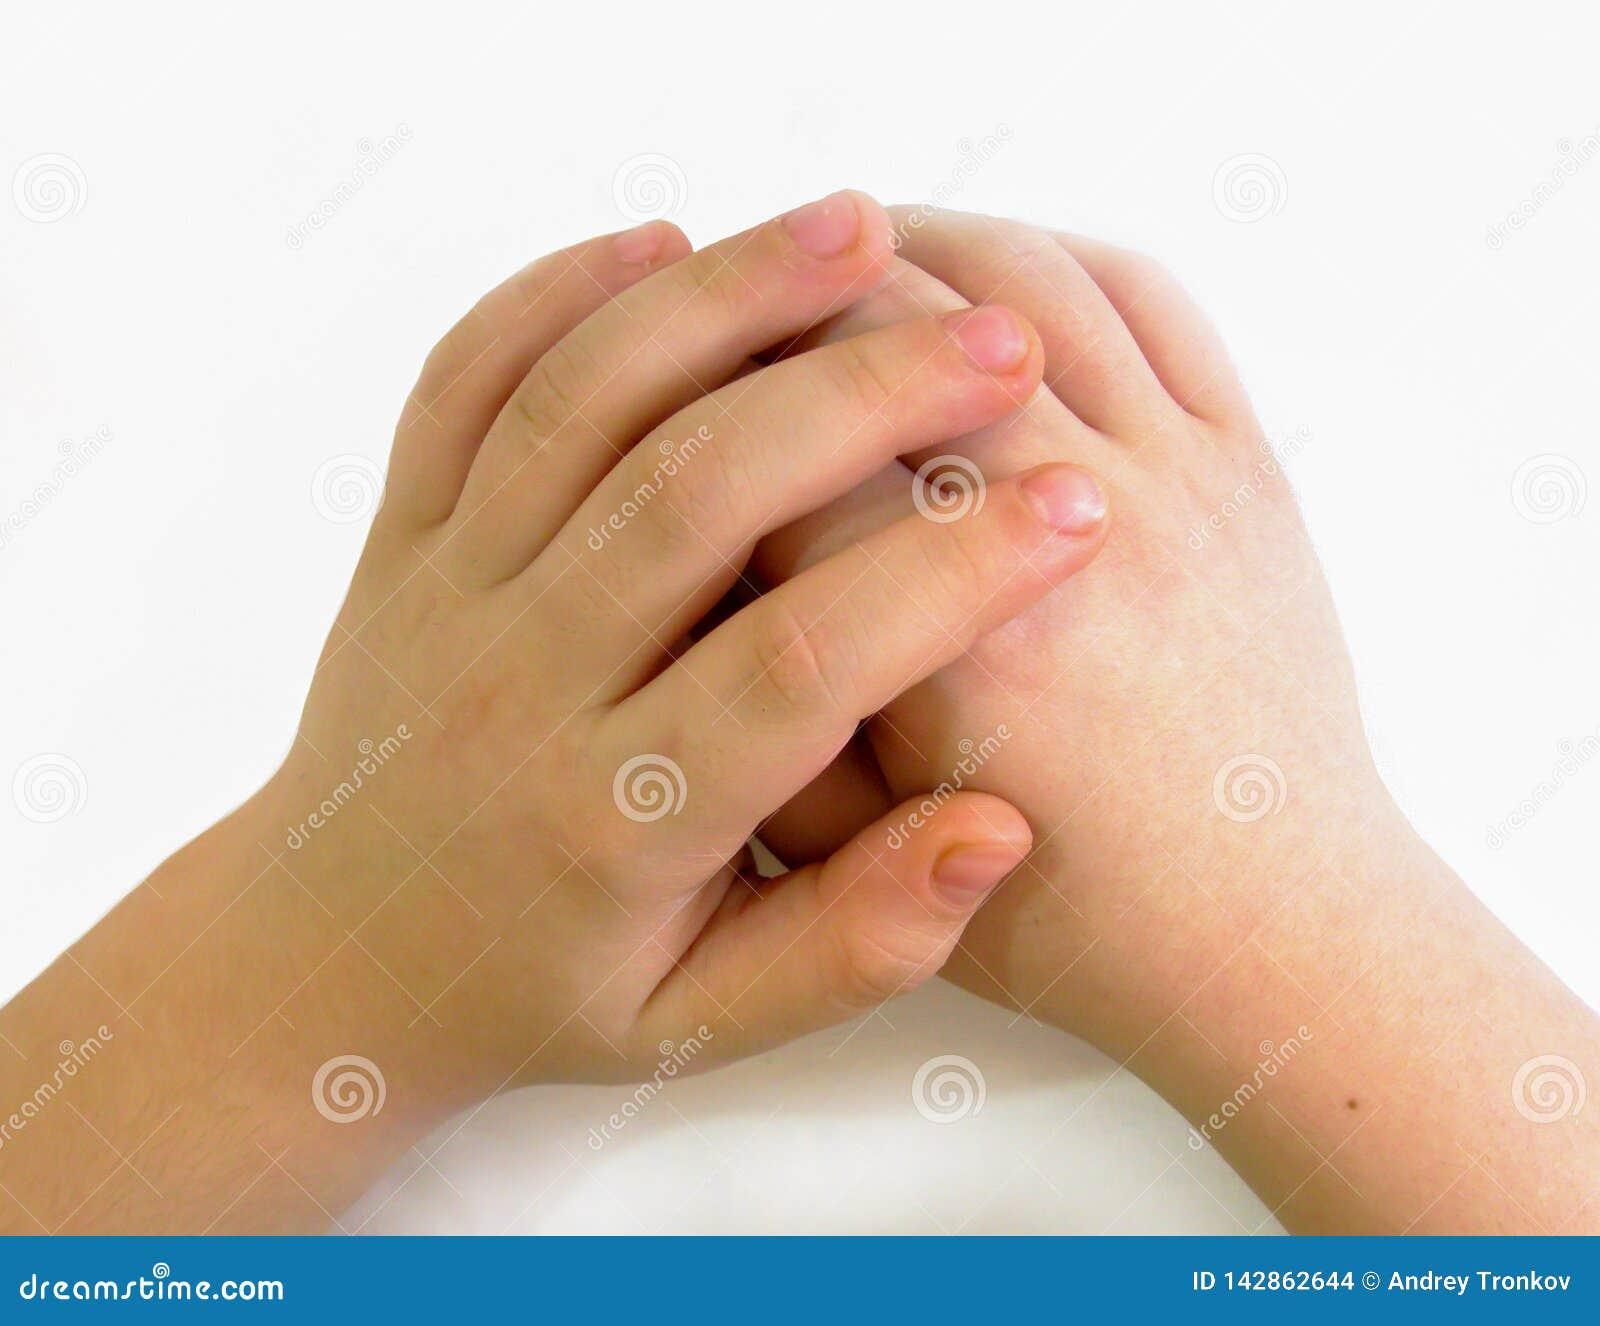 De menselijke handen zijn één van de meest expressieve delen van het lichaam